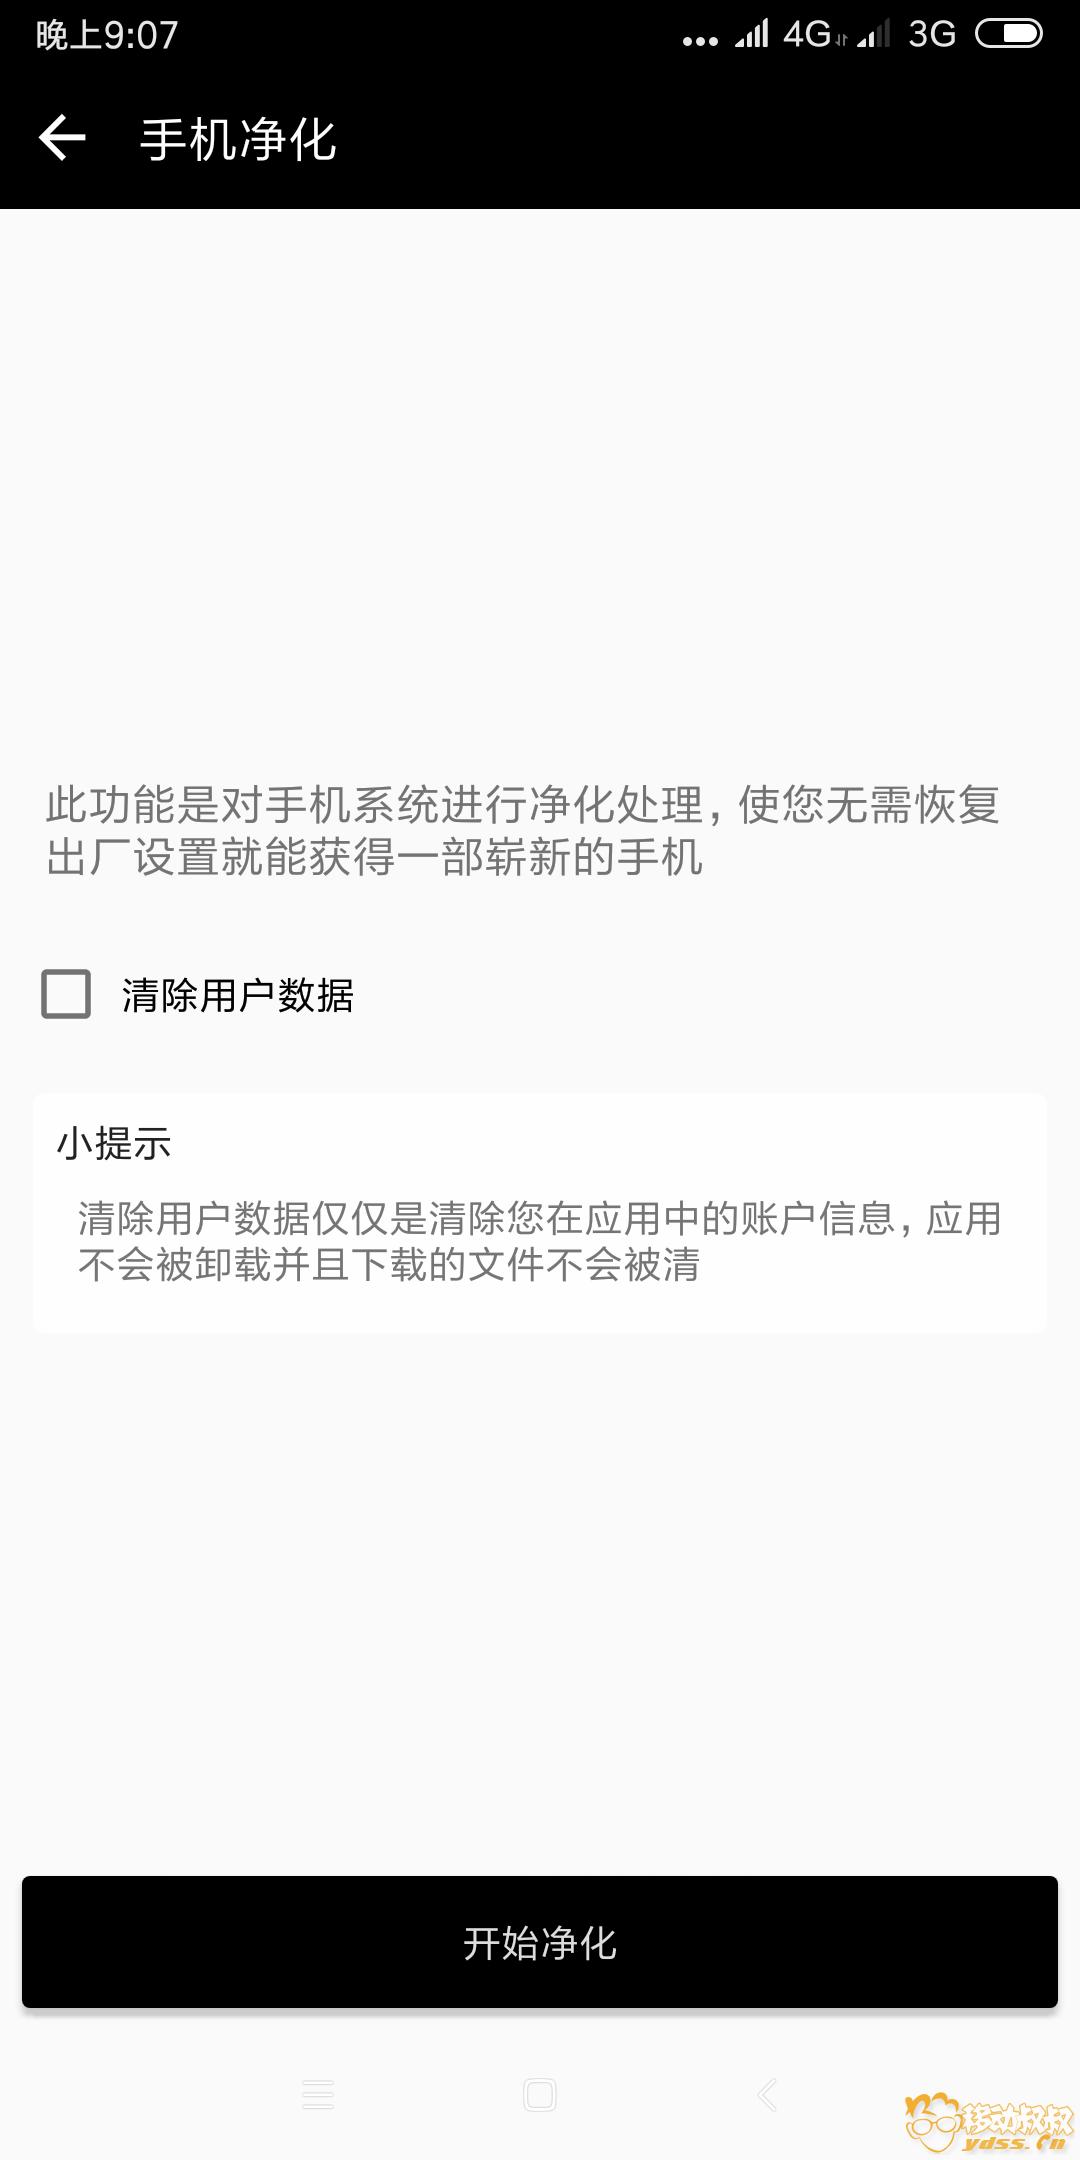 Screenshot_2018-06-02-21-07-54-292_com.grimos.tools.png